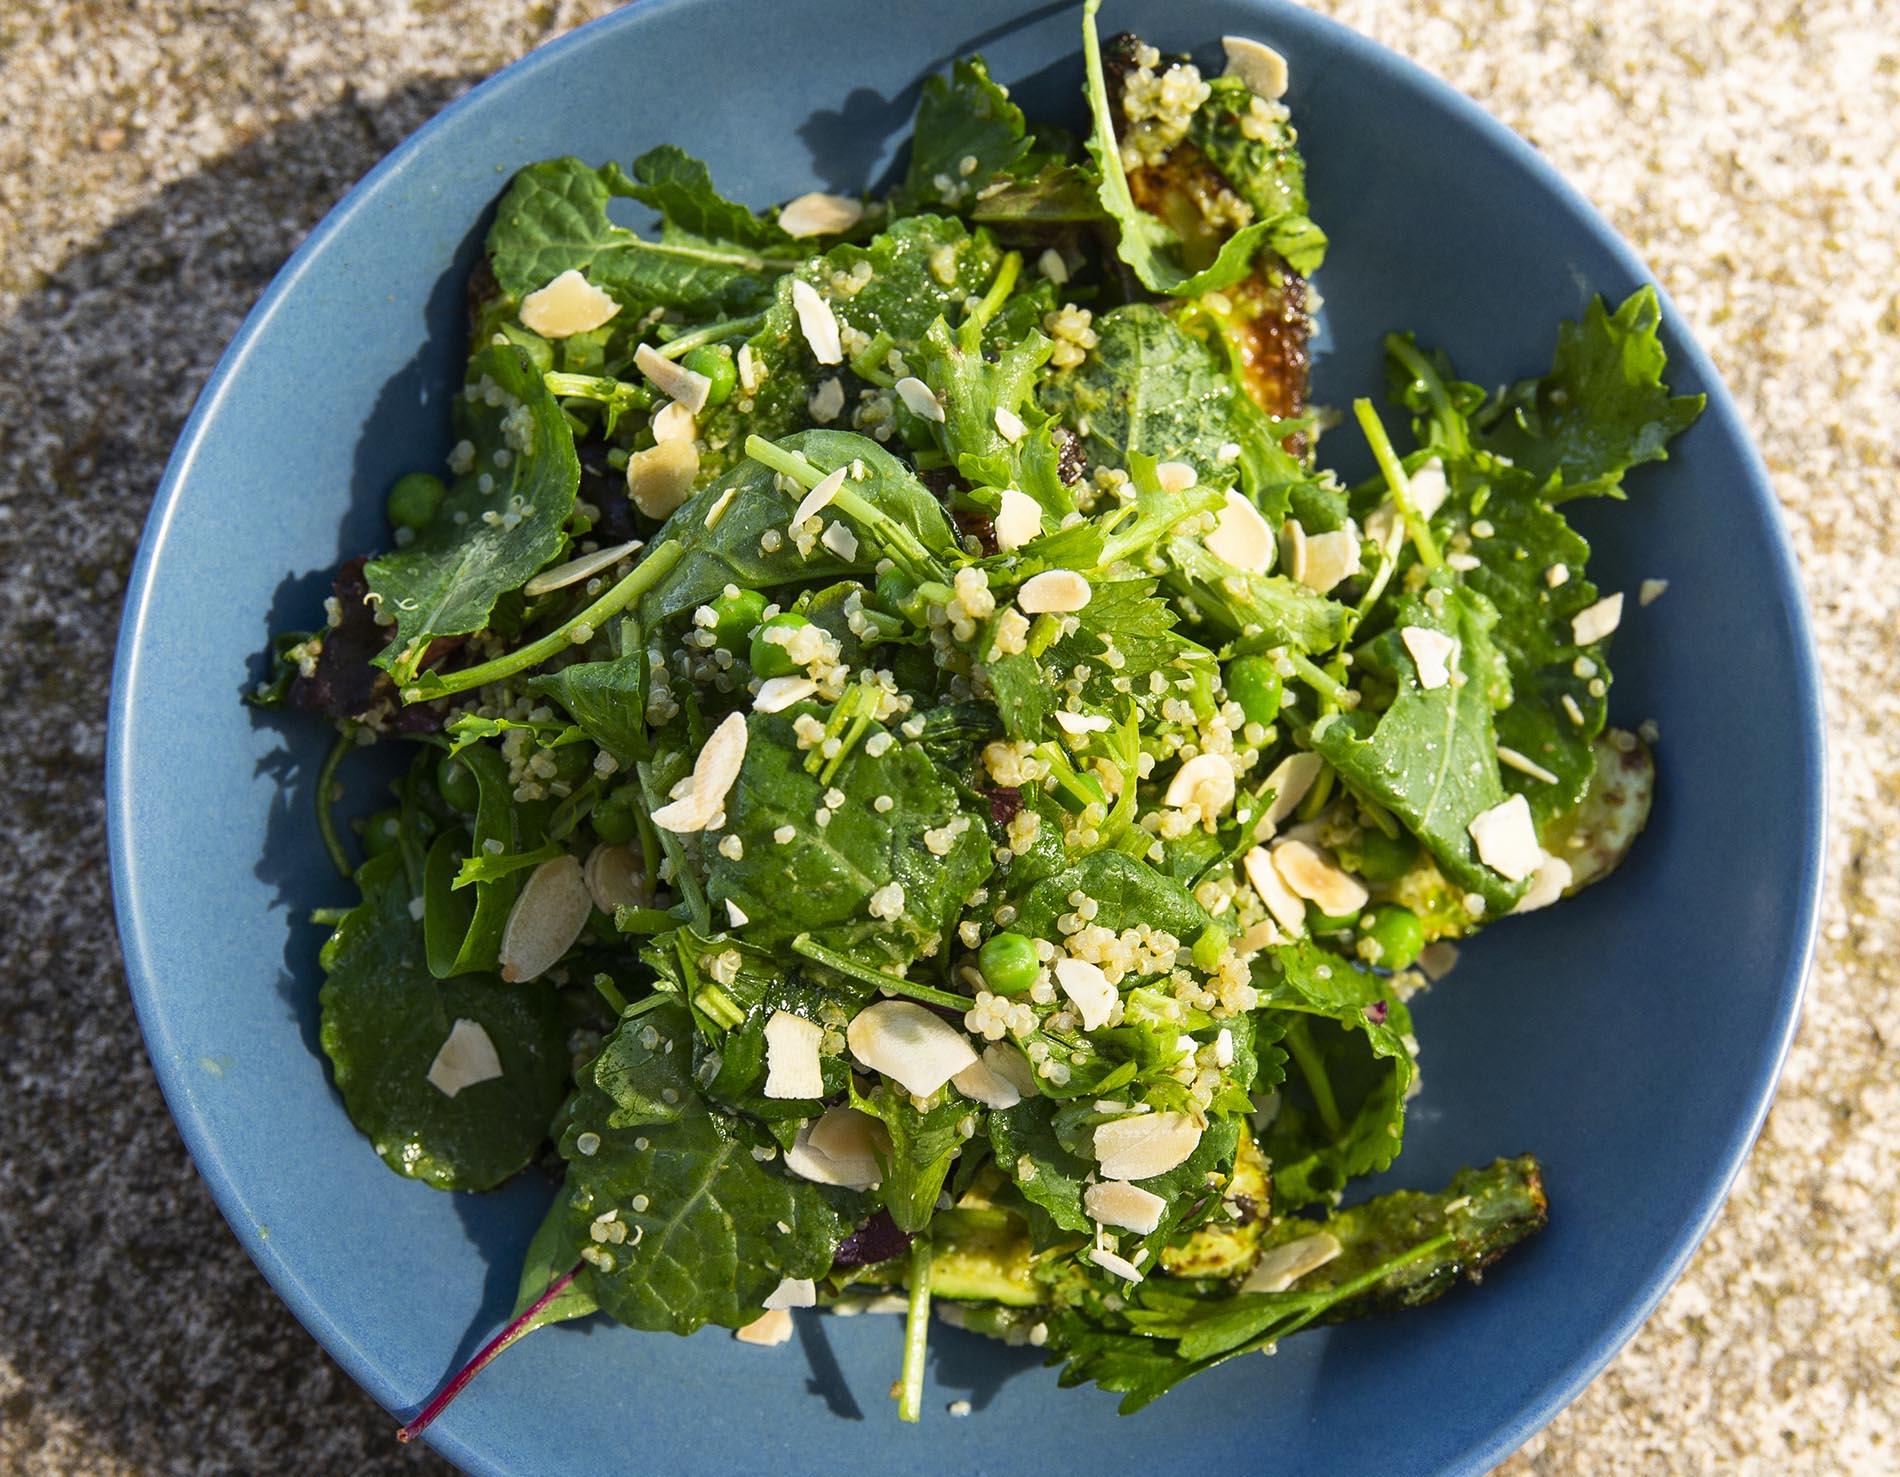 Winter Menu 2021 - Zucchini Salad